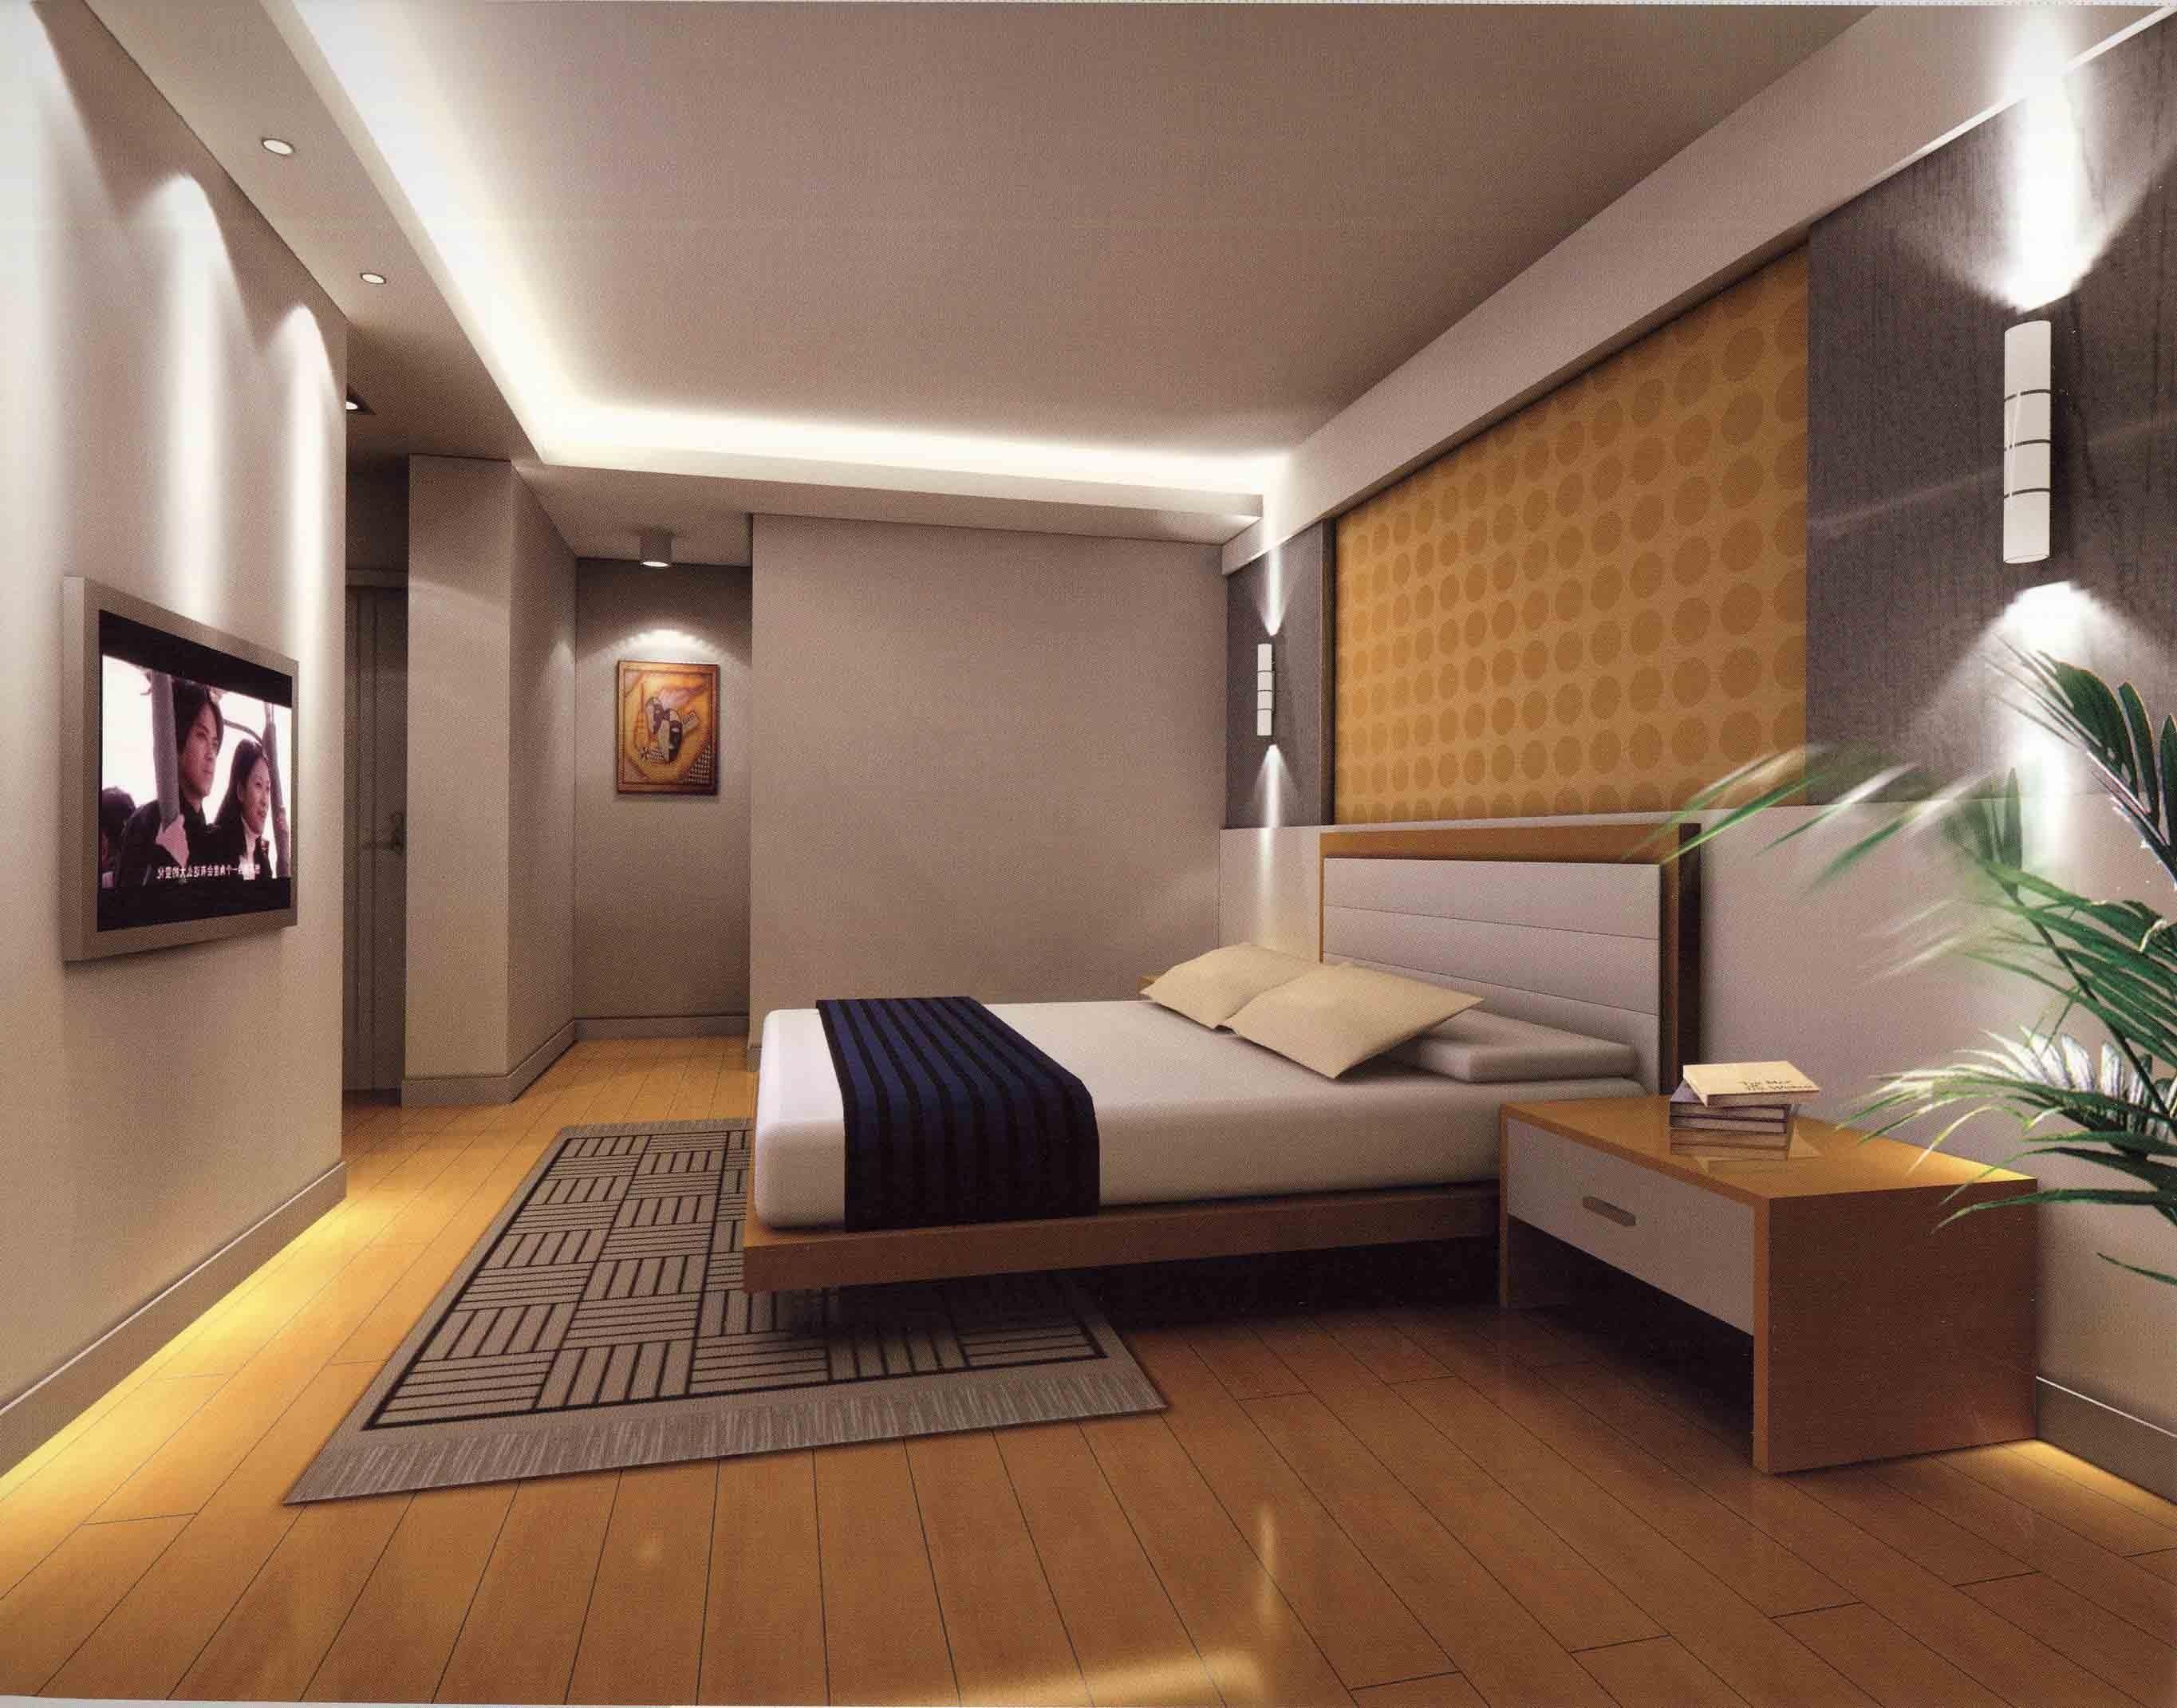 Best Image Result For Wooden False Ceiling Design For Master 400 x 300